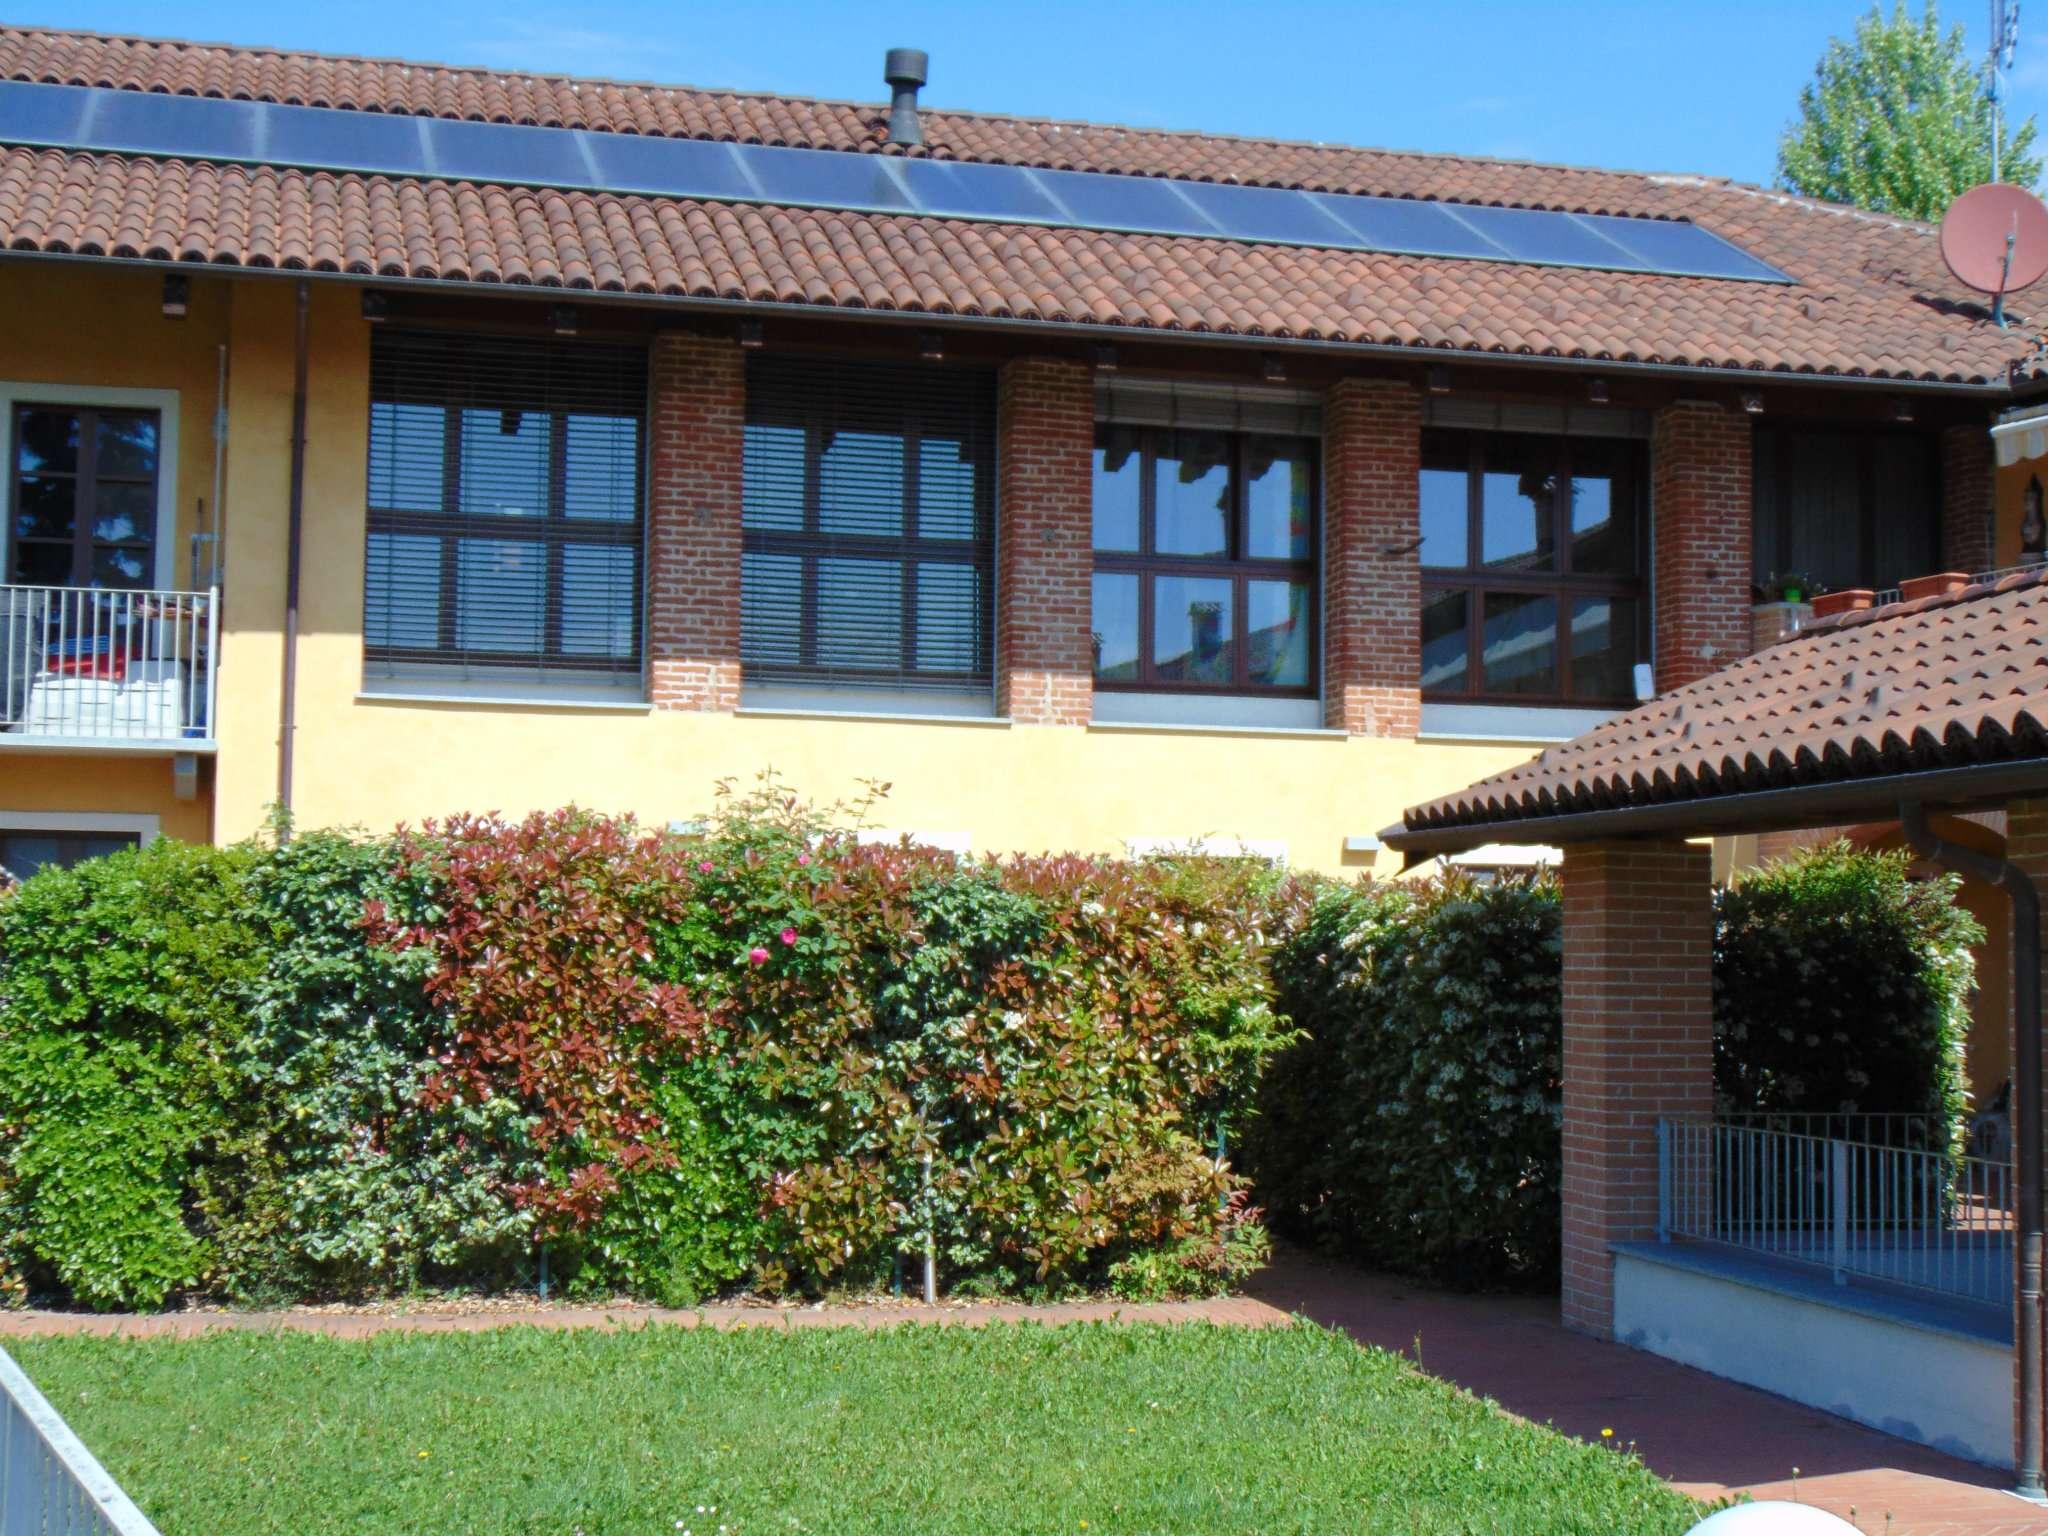 Soluzione Semindipendente in vendita a Bruino, 5 locali, prezzo € 189.000   CambioCasa.it